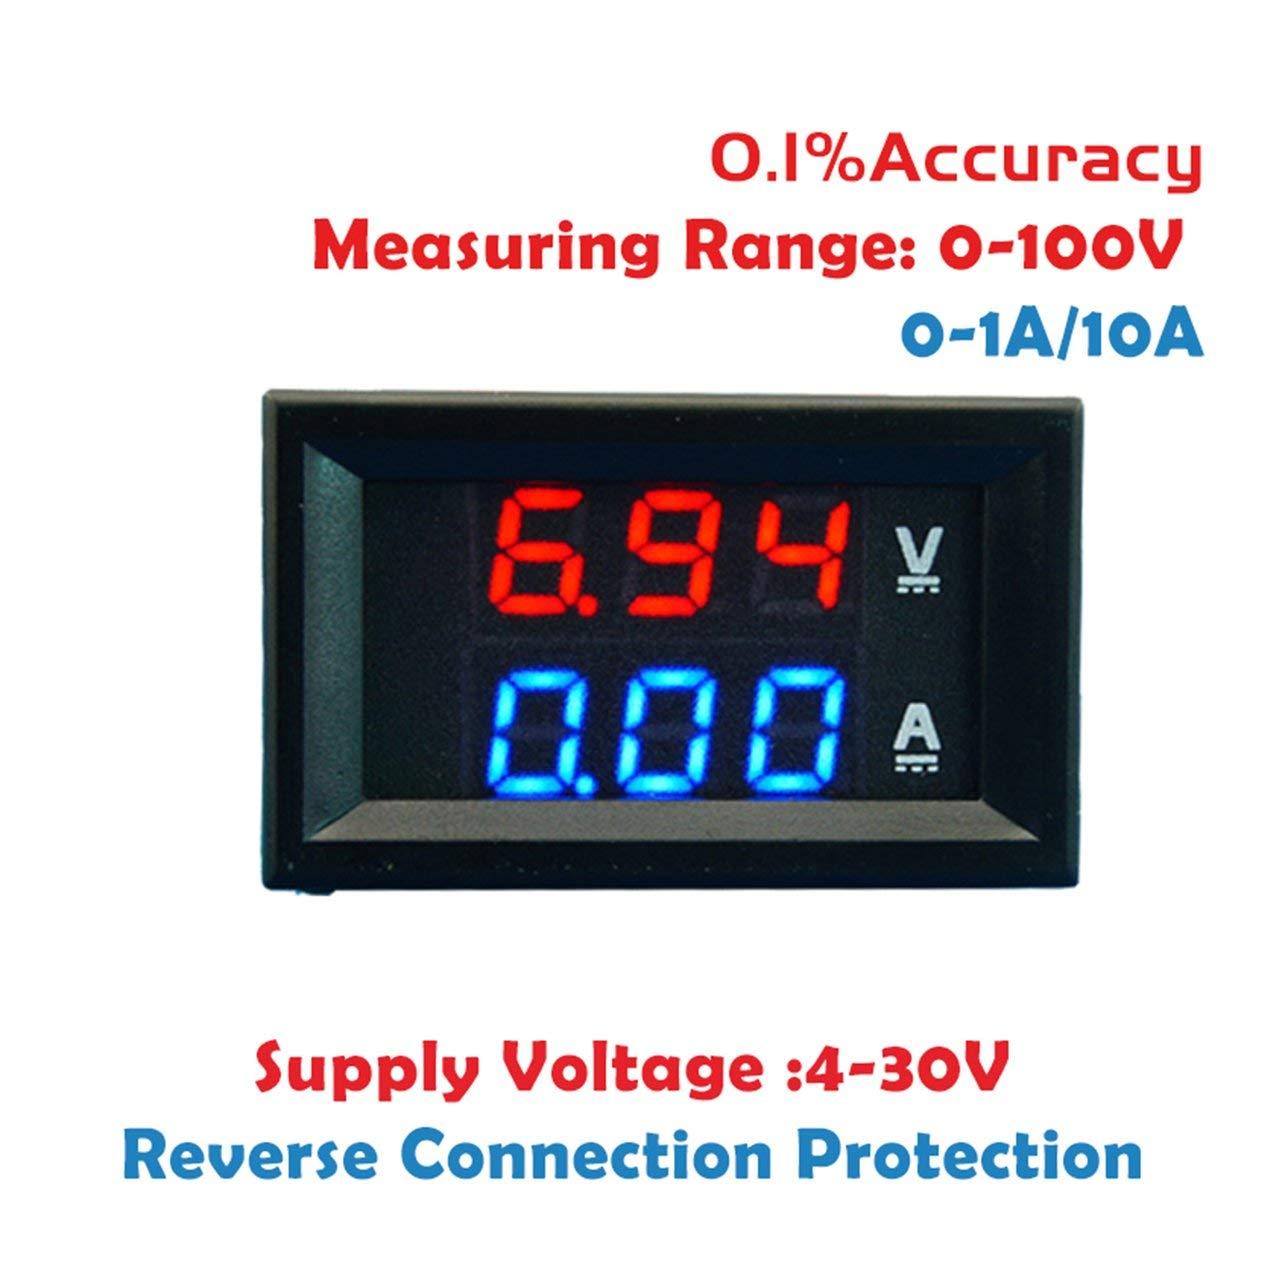 100V 10A DC voltmè tre numé rique ampè remè tre bleu + LED rouge Amp Volt Gauge compteur WOSOSYEYO